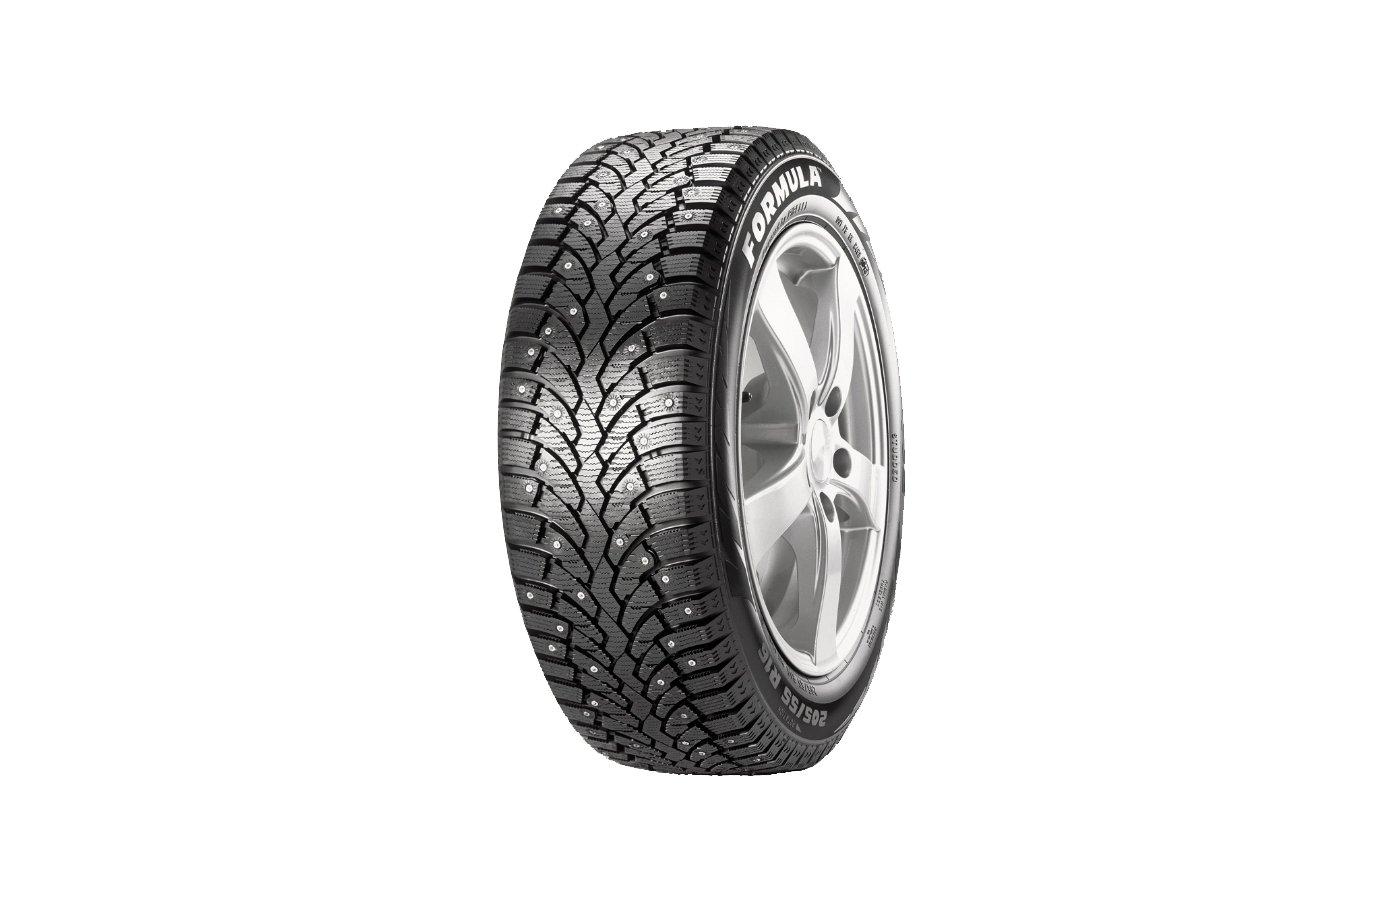 Шина Pirelli Ice Zero 195/55 R15 TL 85T шип